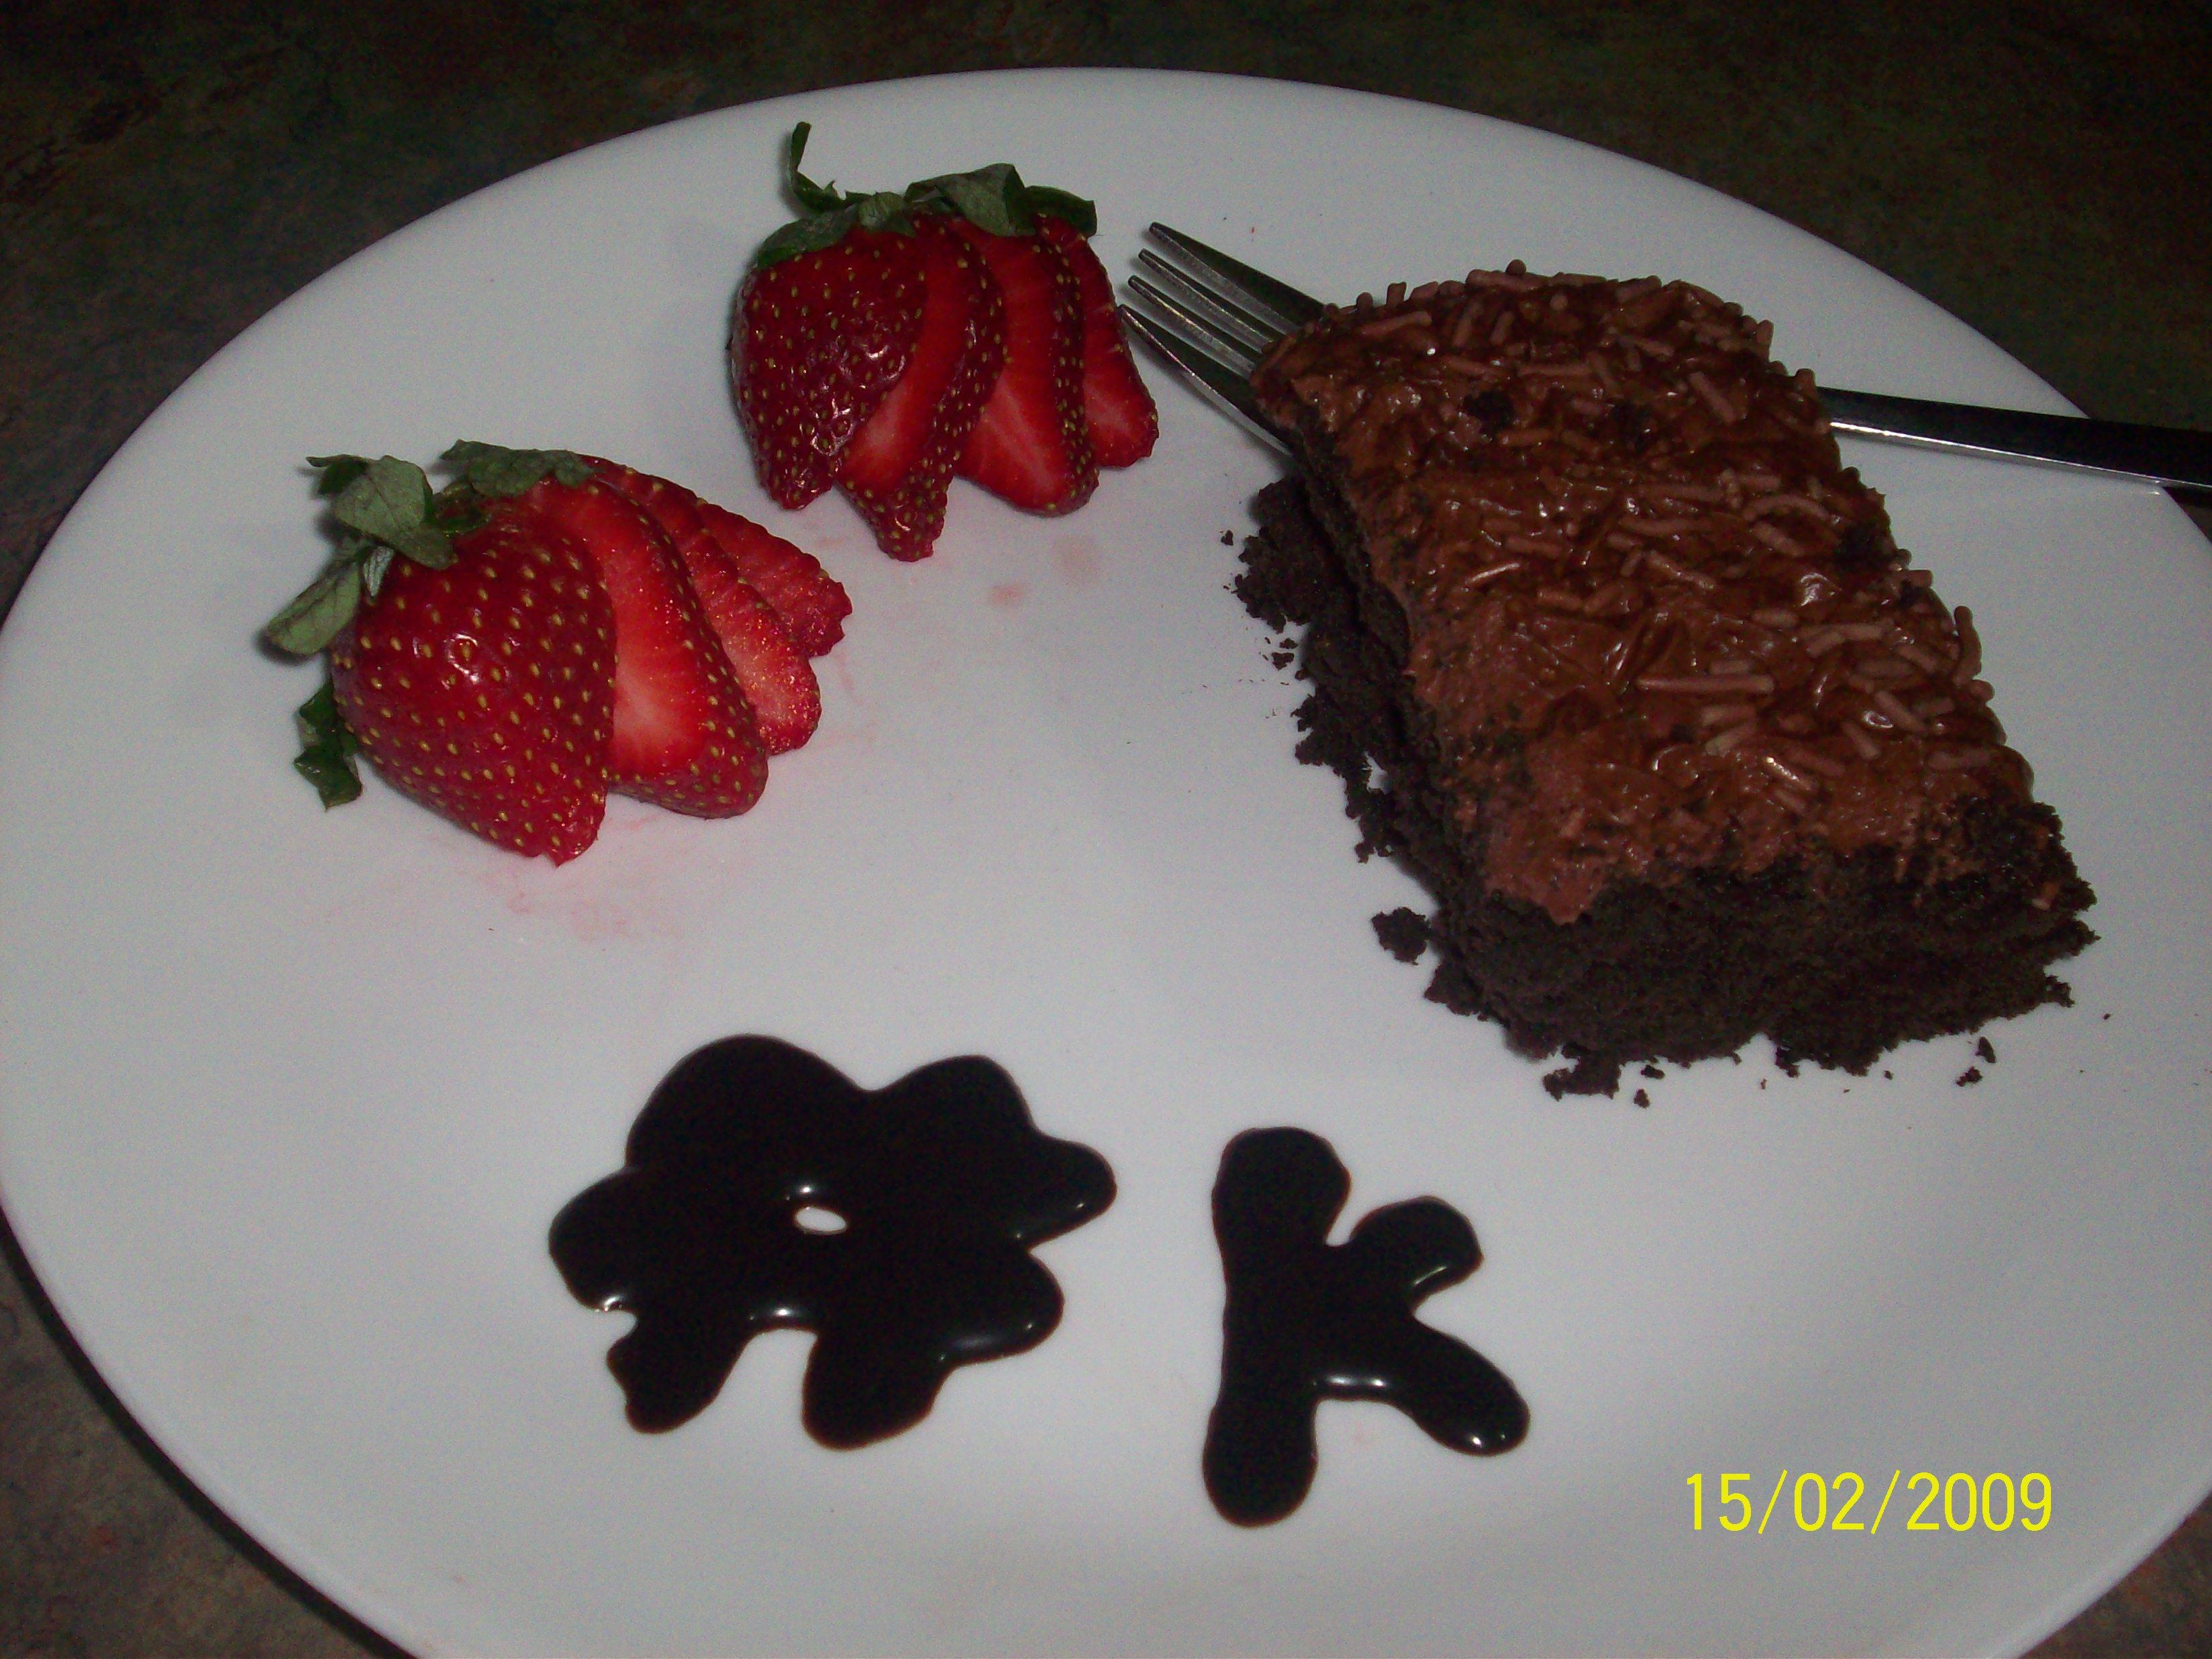 https://foodloader.net/cutie_2009-02-15_Sliced_Triple_Chocolate_Cake.jpg